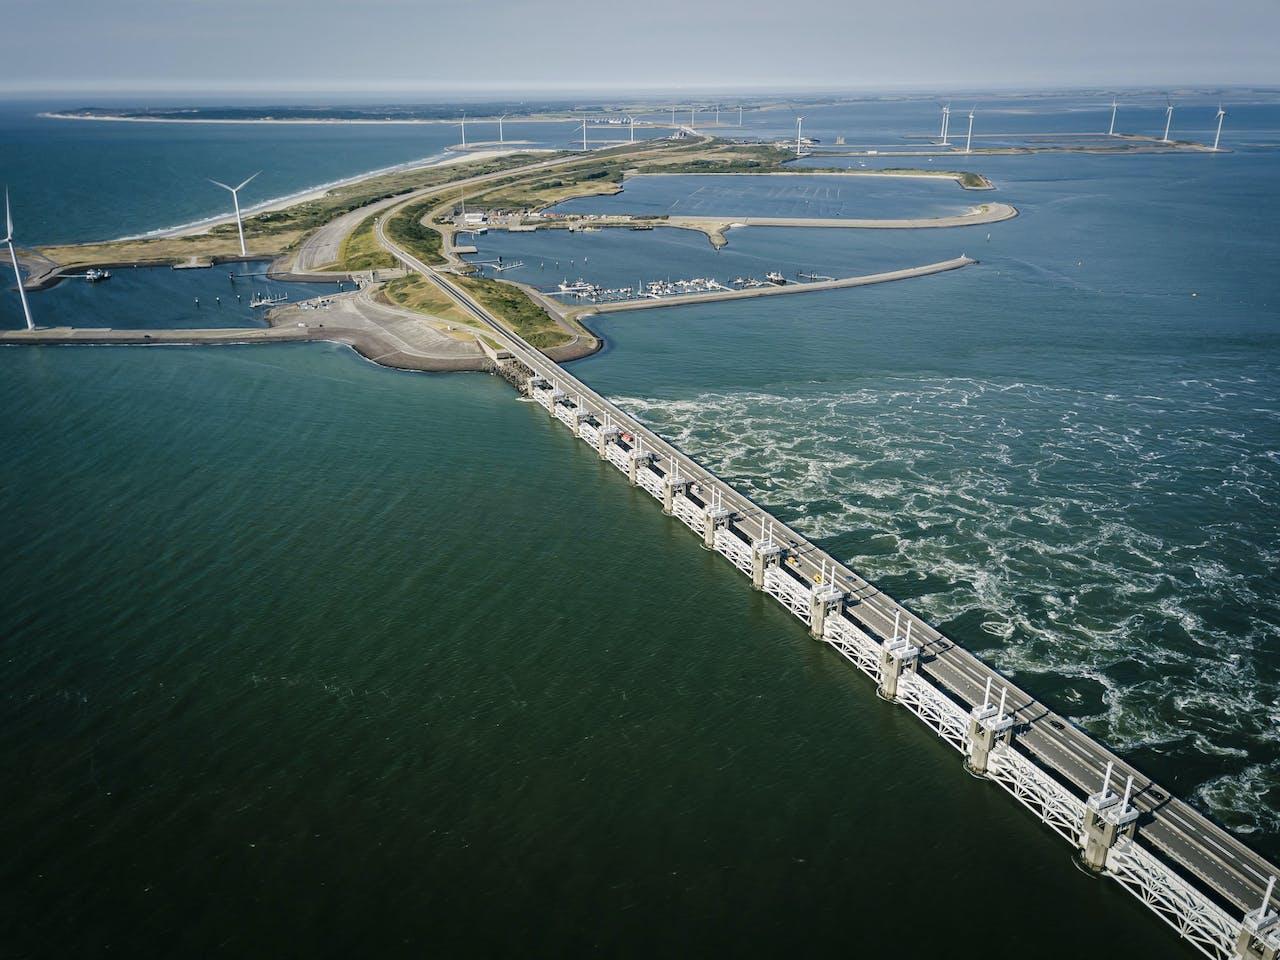 Geopende schuiven laten water door de stormvloedkering in de Oosterschelde.